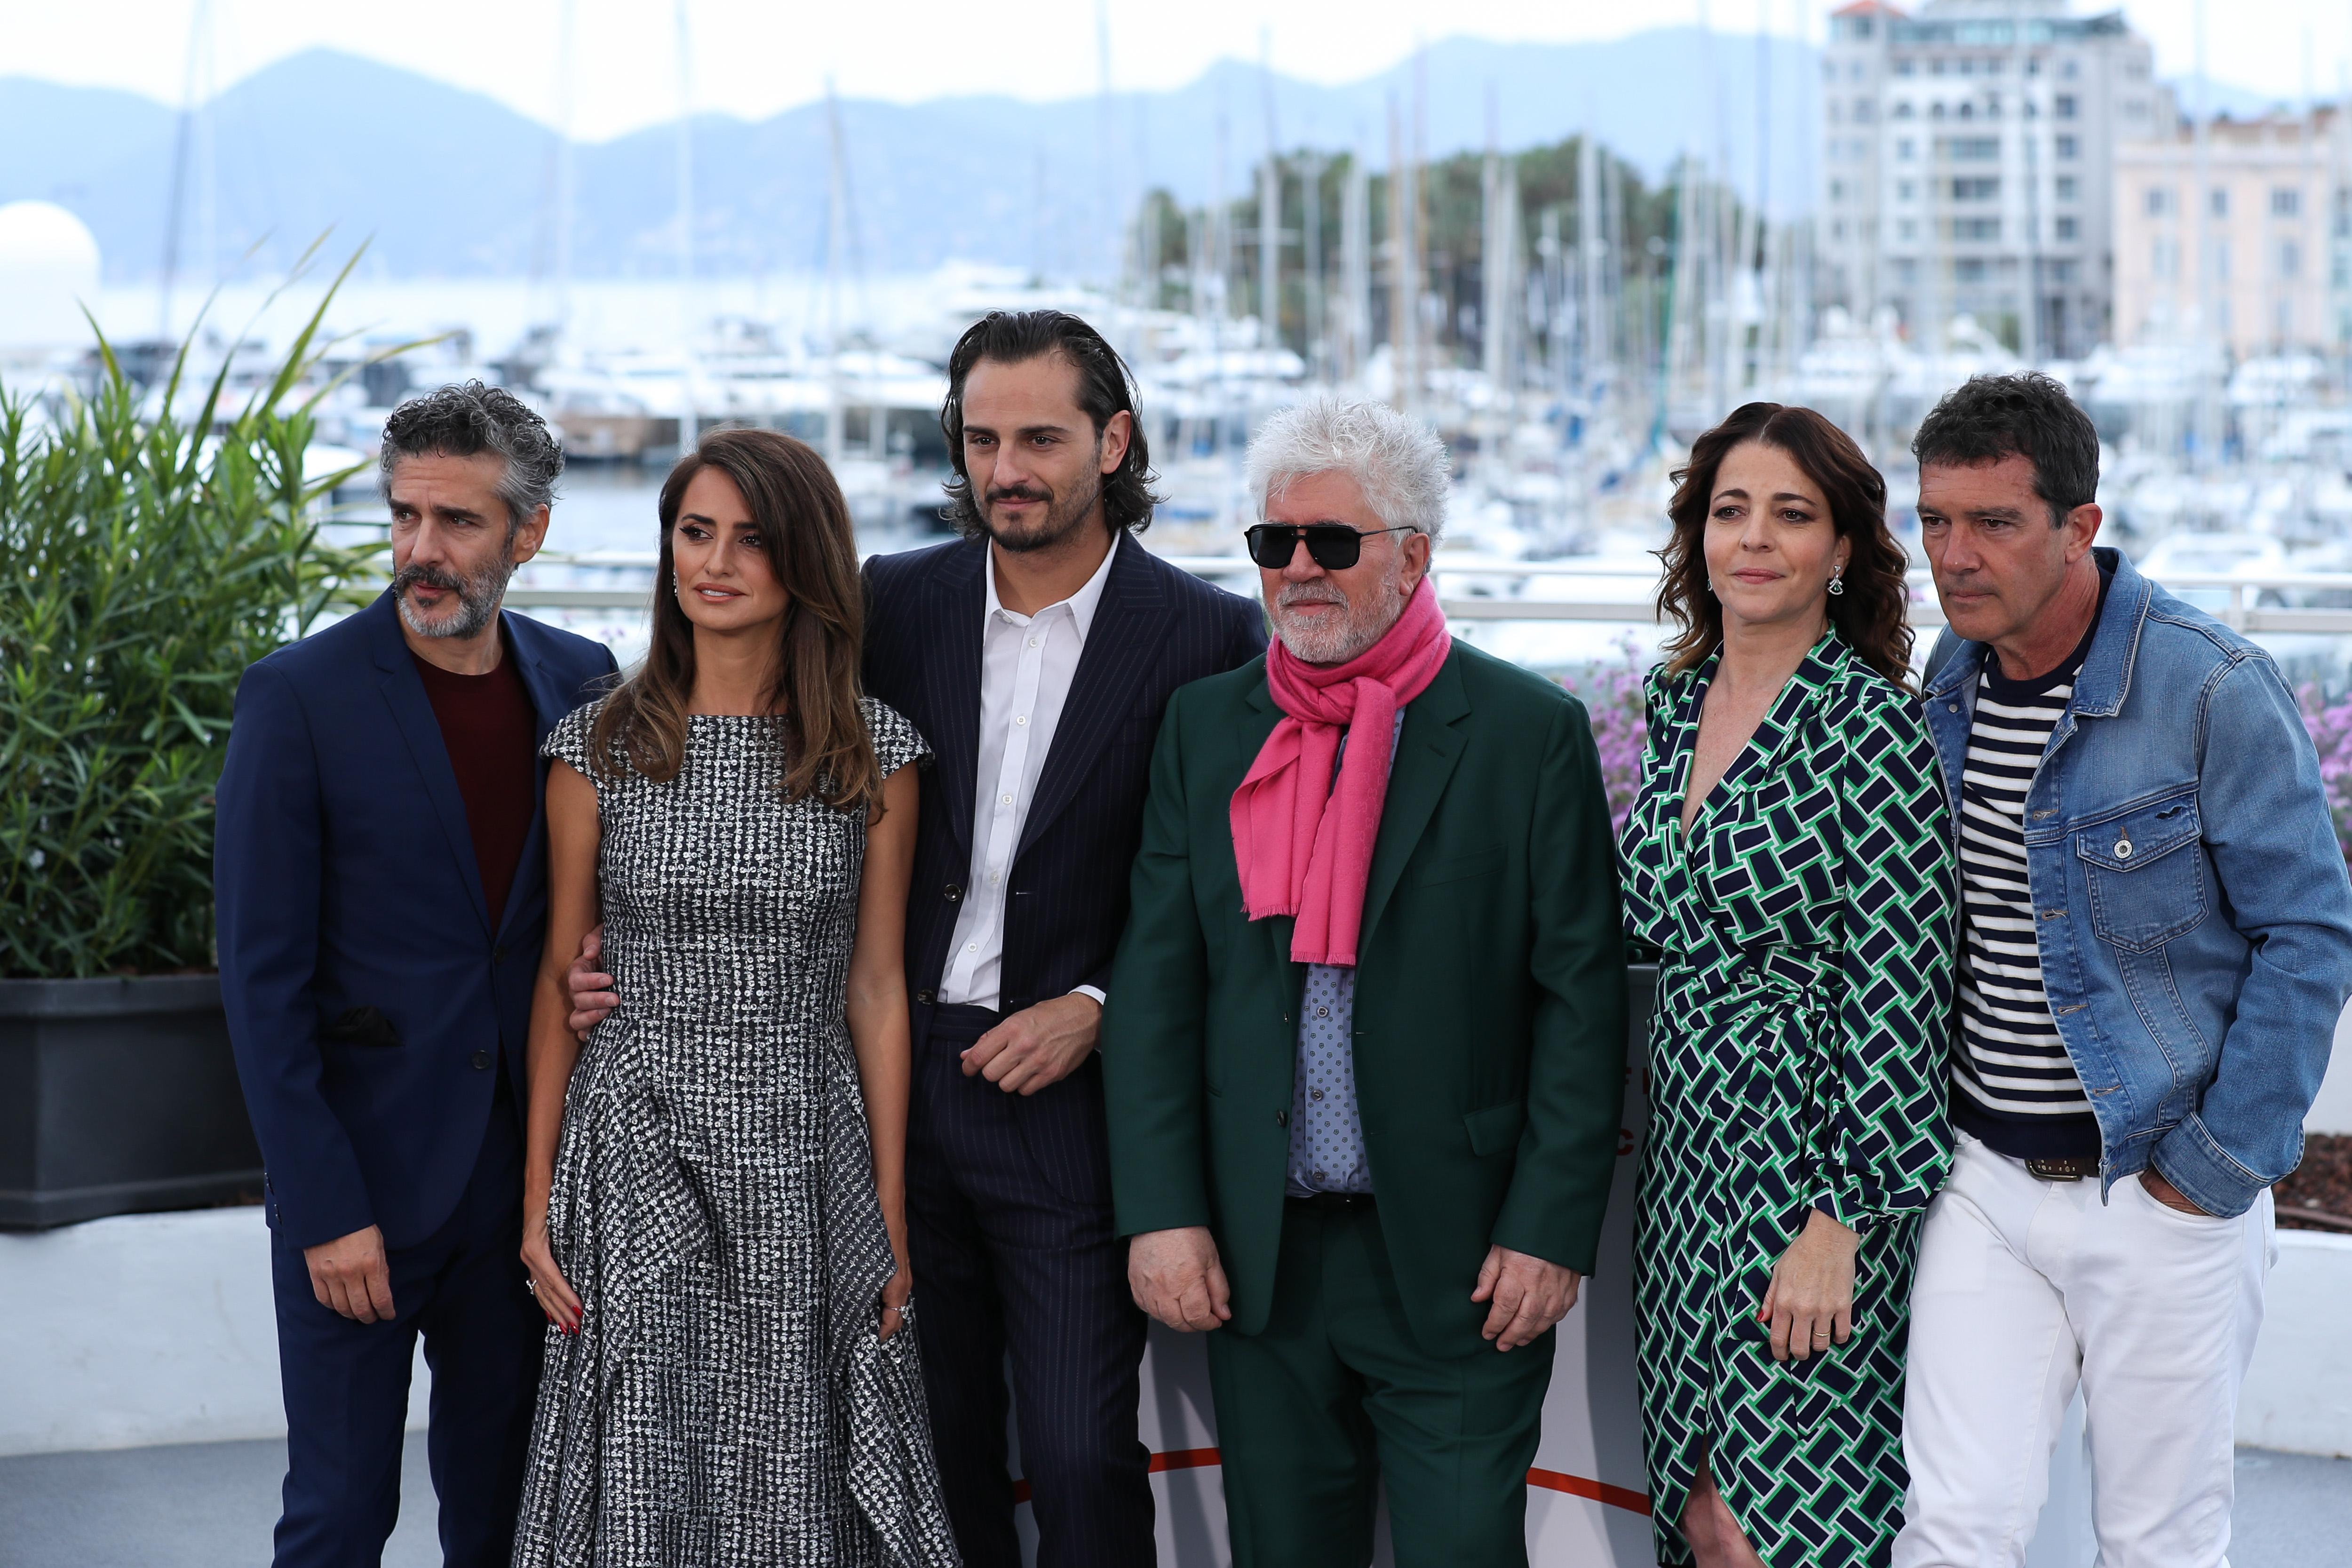 戛纳电影节:西班牙影片《a影片与荣耀》竞逐金棕榈奖像屌丝骑士一样的电影图片